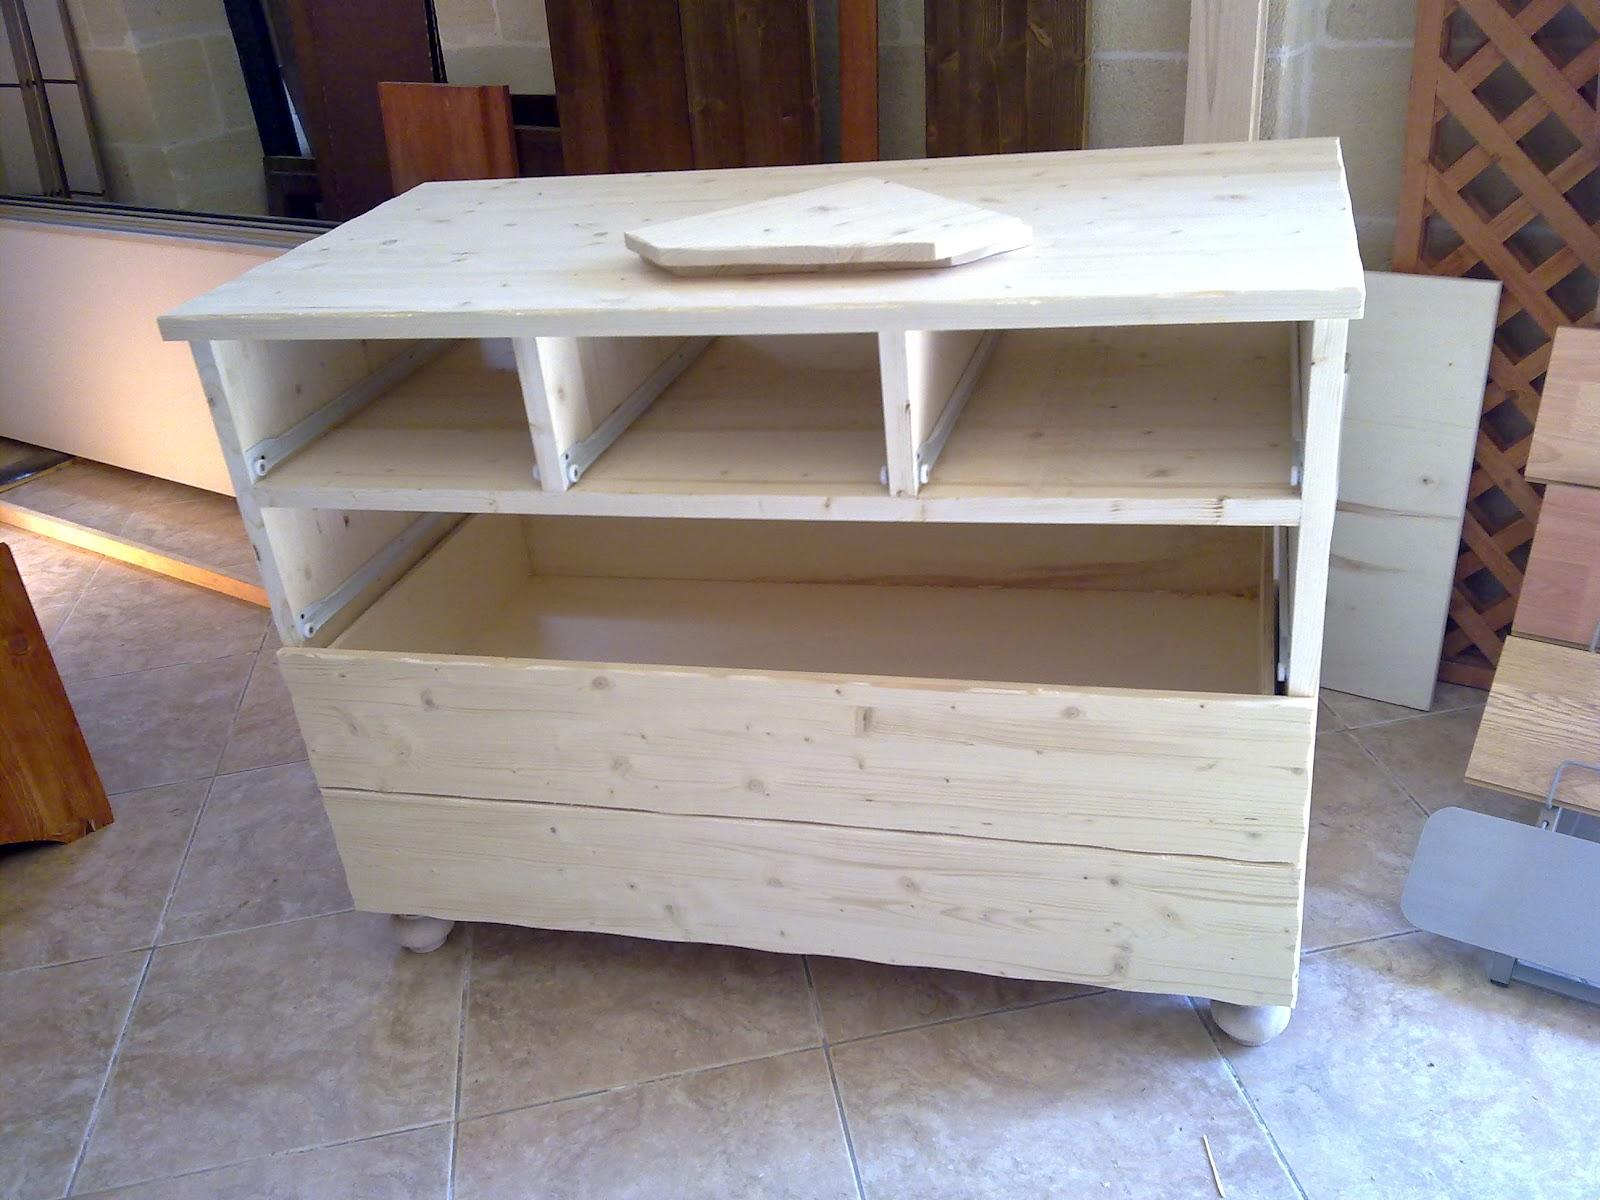 Fai da te hobby legno cassettiera for Coprilavatrice legno fai da te